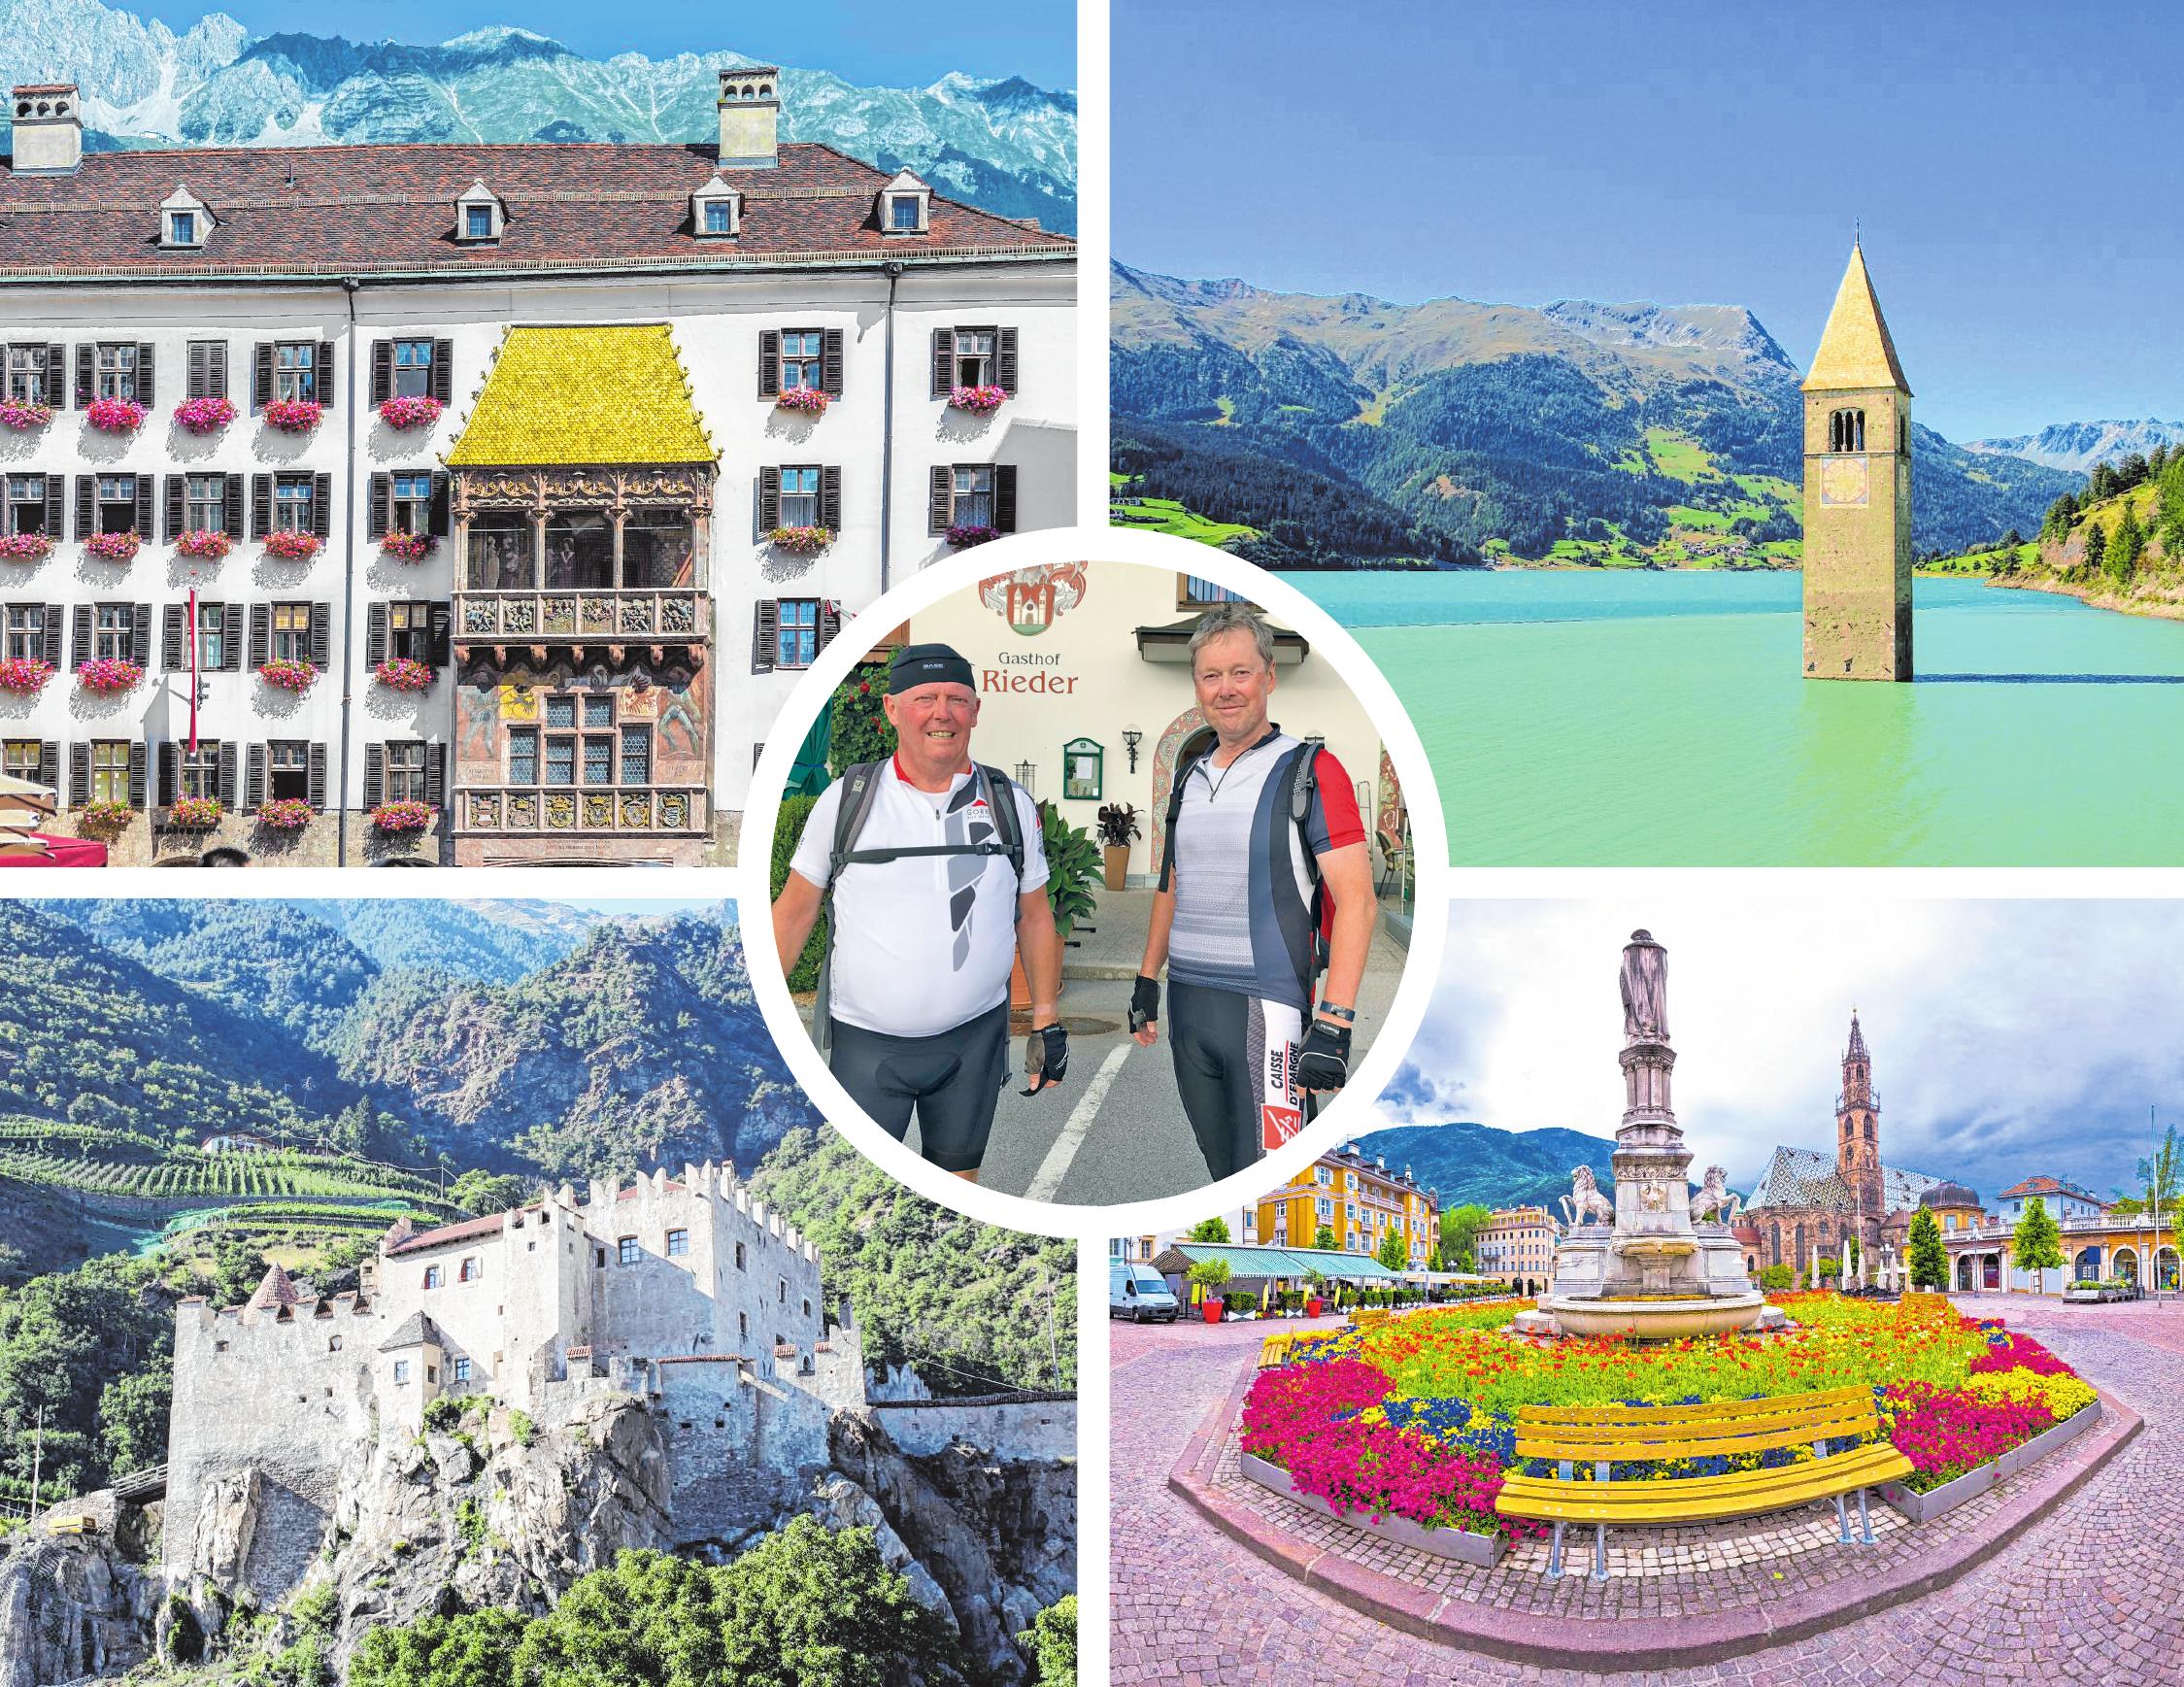 """Höhepunkte während der Alpentour von Reinhard Stopp (Bild Mitte, links) und Stefan Schall: Innsbruck mit seinem """"Goldenen Dacherl"""", der geheimnisvolle Reschensee, Burg Kastelbell und schließlich der malerische Zielort Bozen. BILDER: MATTOFF - STOCK.ADOBE.COM, LIANEM - STOCK.ADOBE.COM, PIXMAX - STOCK.ADOBE.COM, XBRCHX - STOCK.ADOBE.COM"""